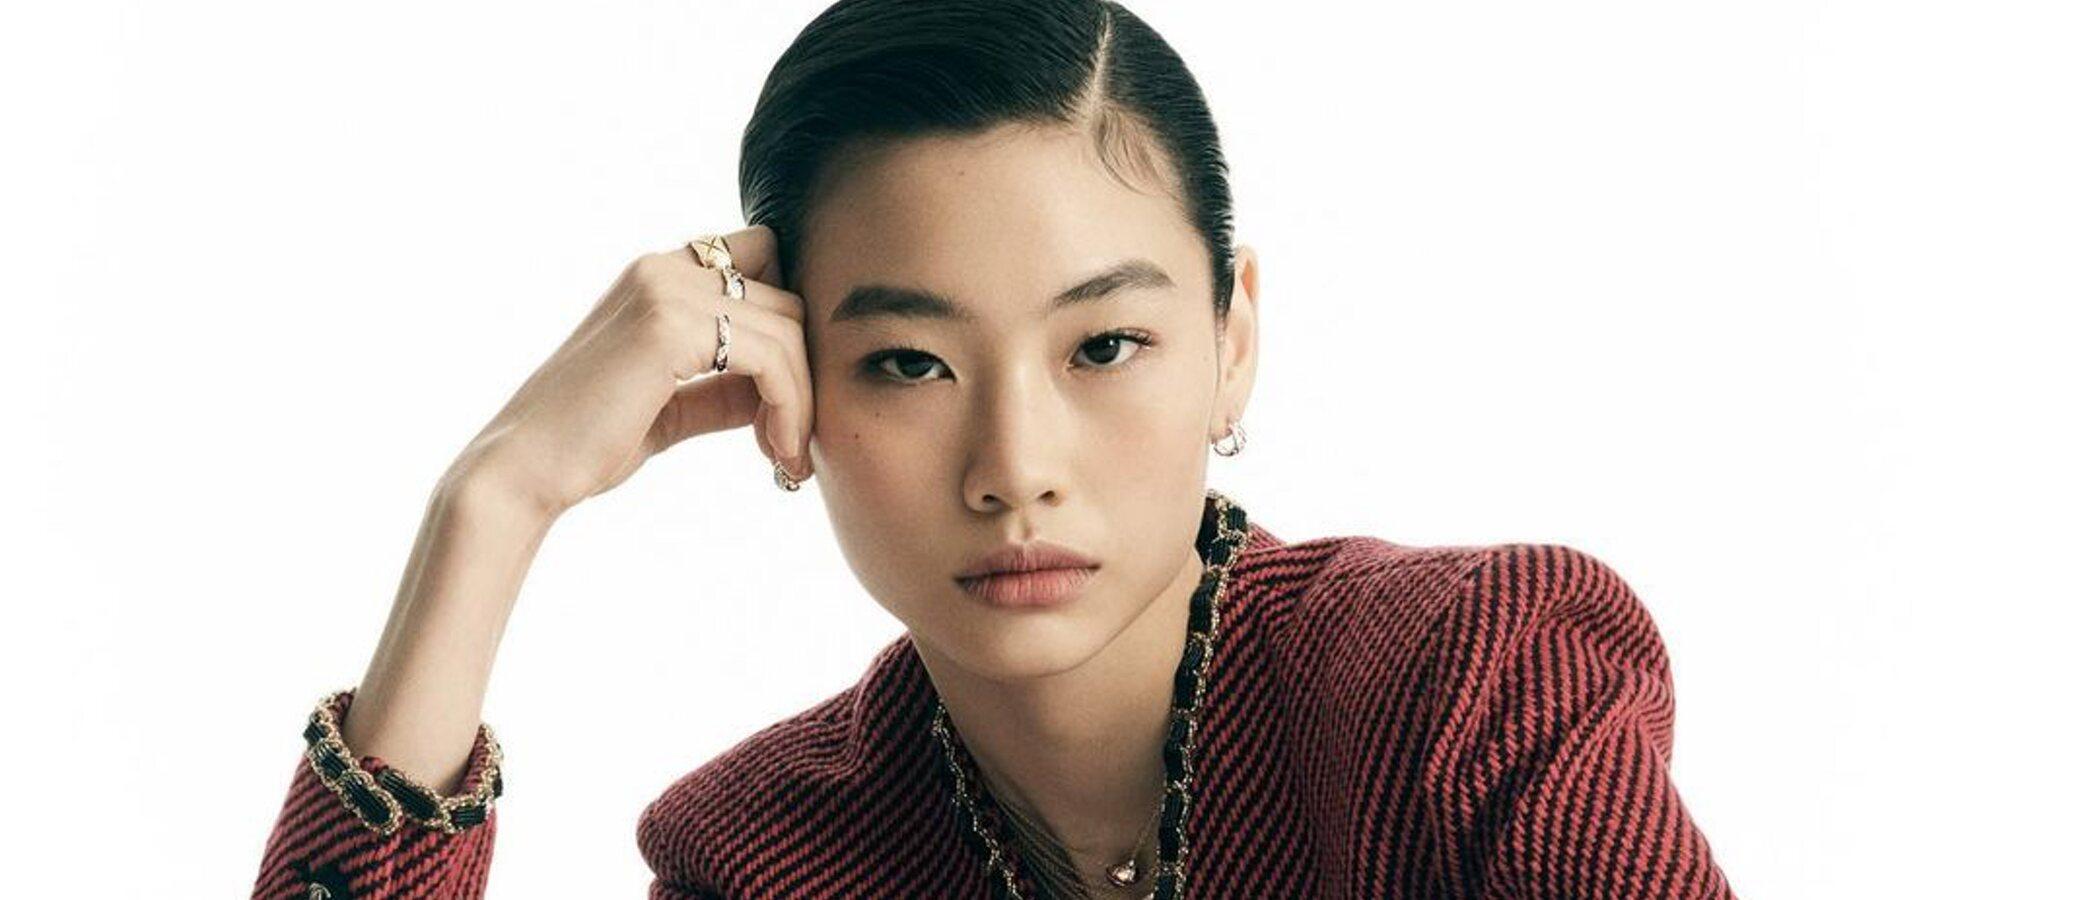 Jung Ho-yeon, de 'El juego del calamar', se convierte en embajadora global de Louis Vuitton